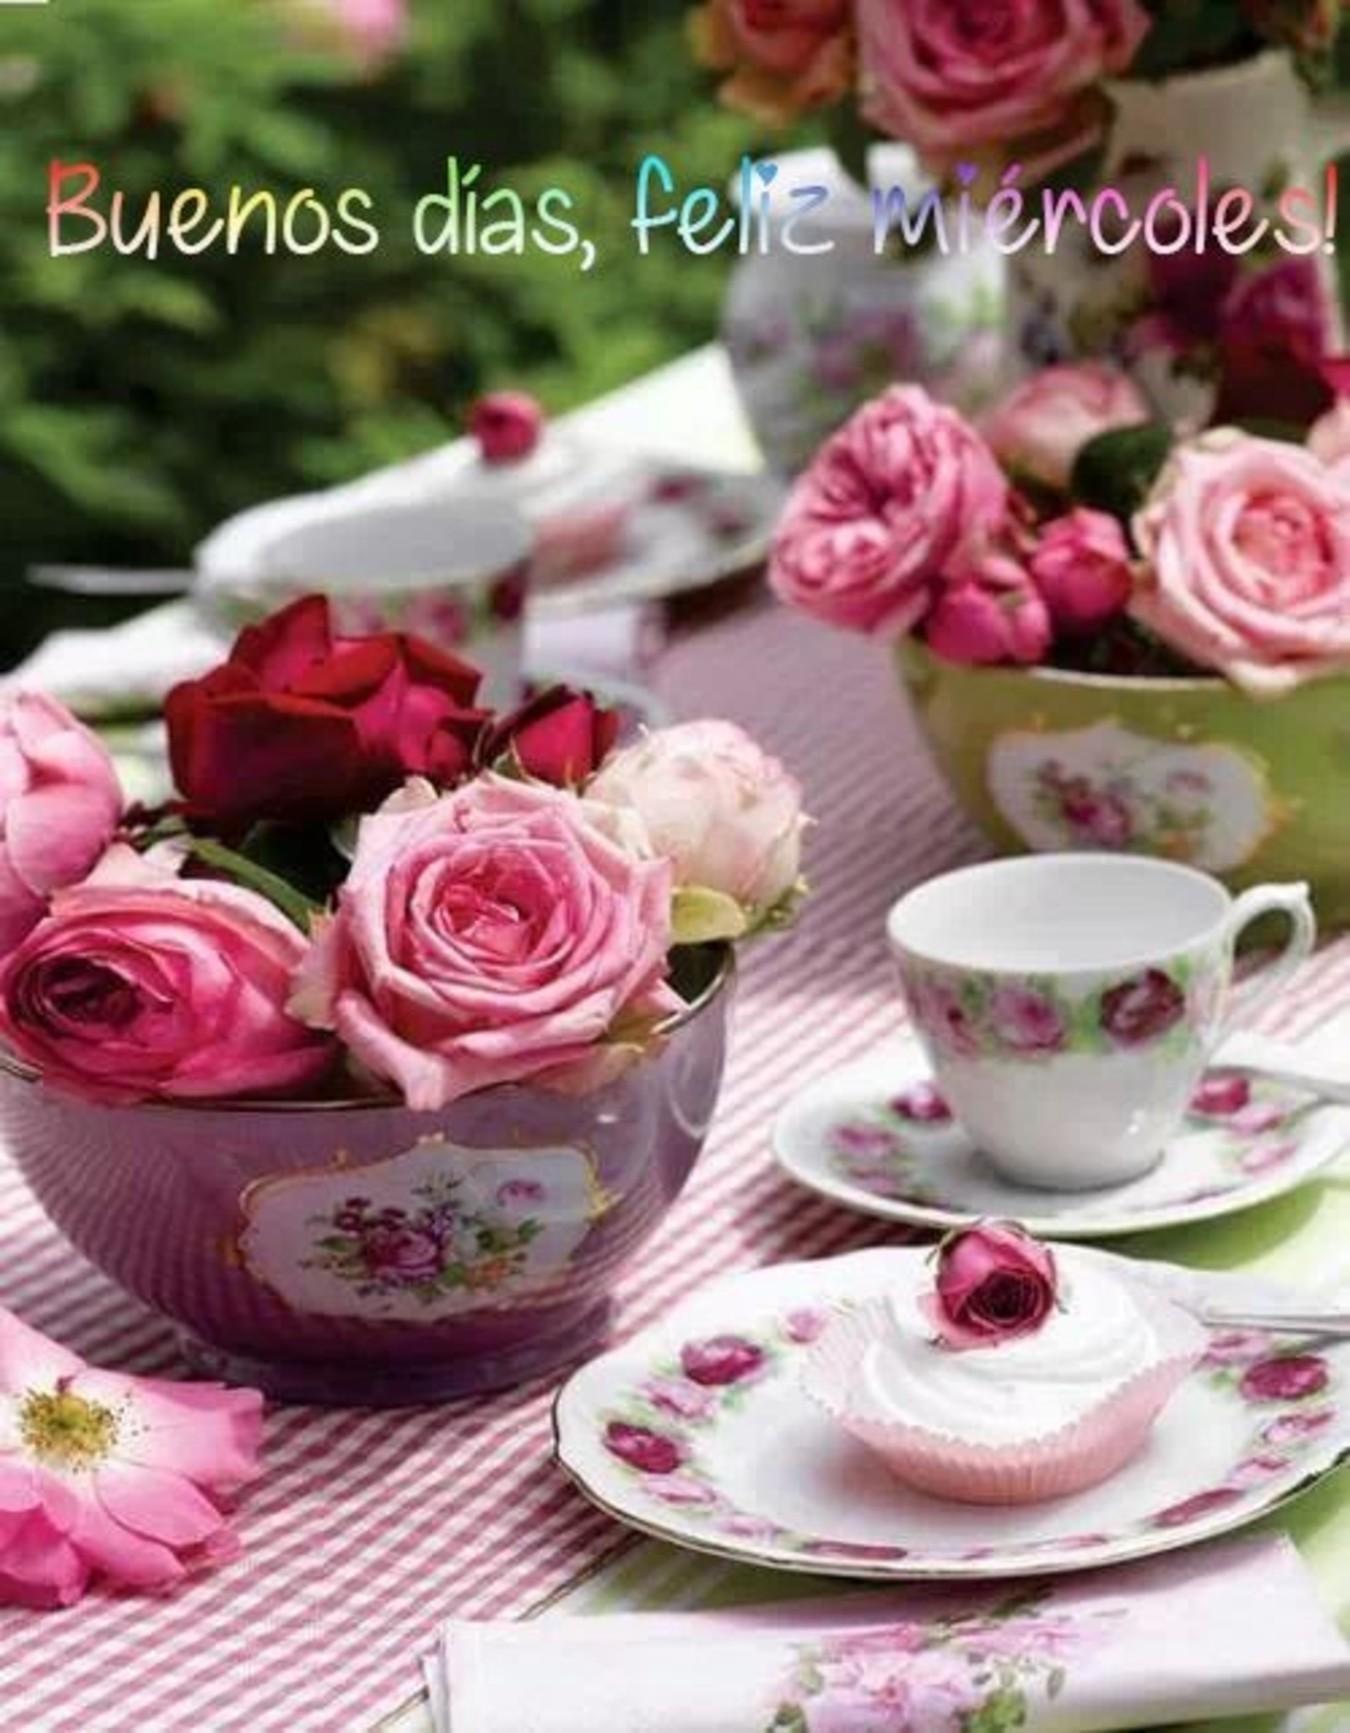 Feliz Miércoles con flores fotos 205